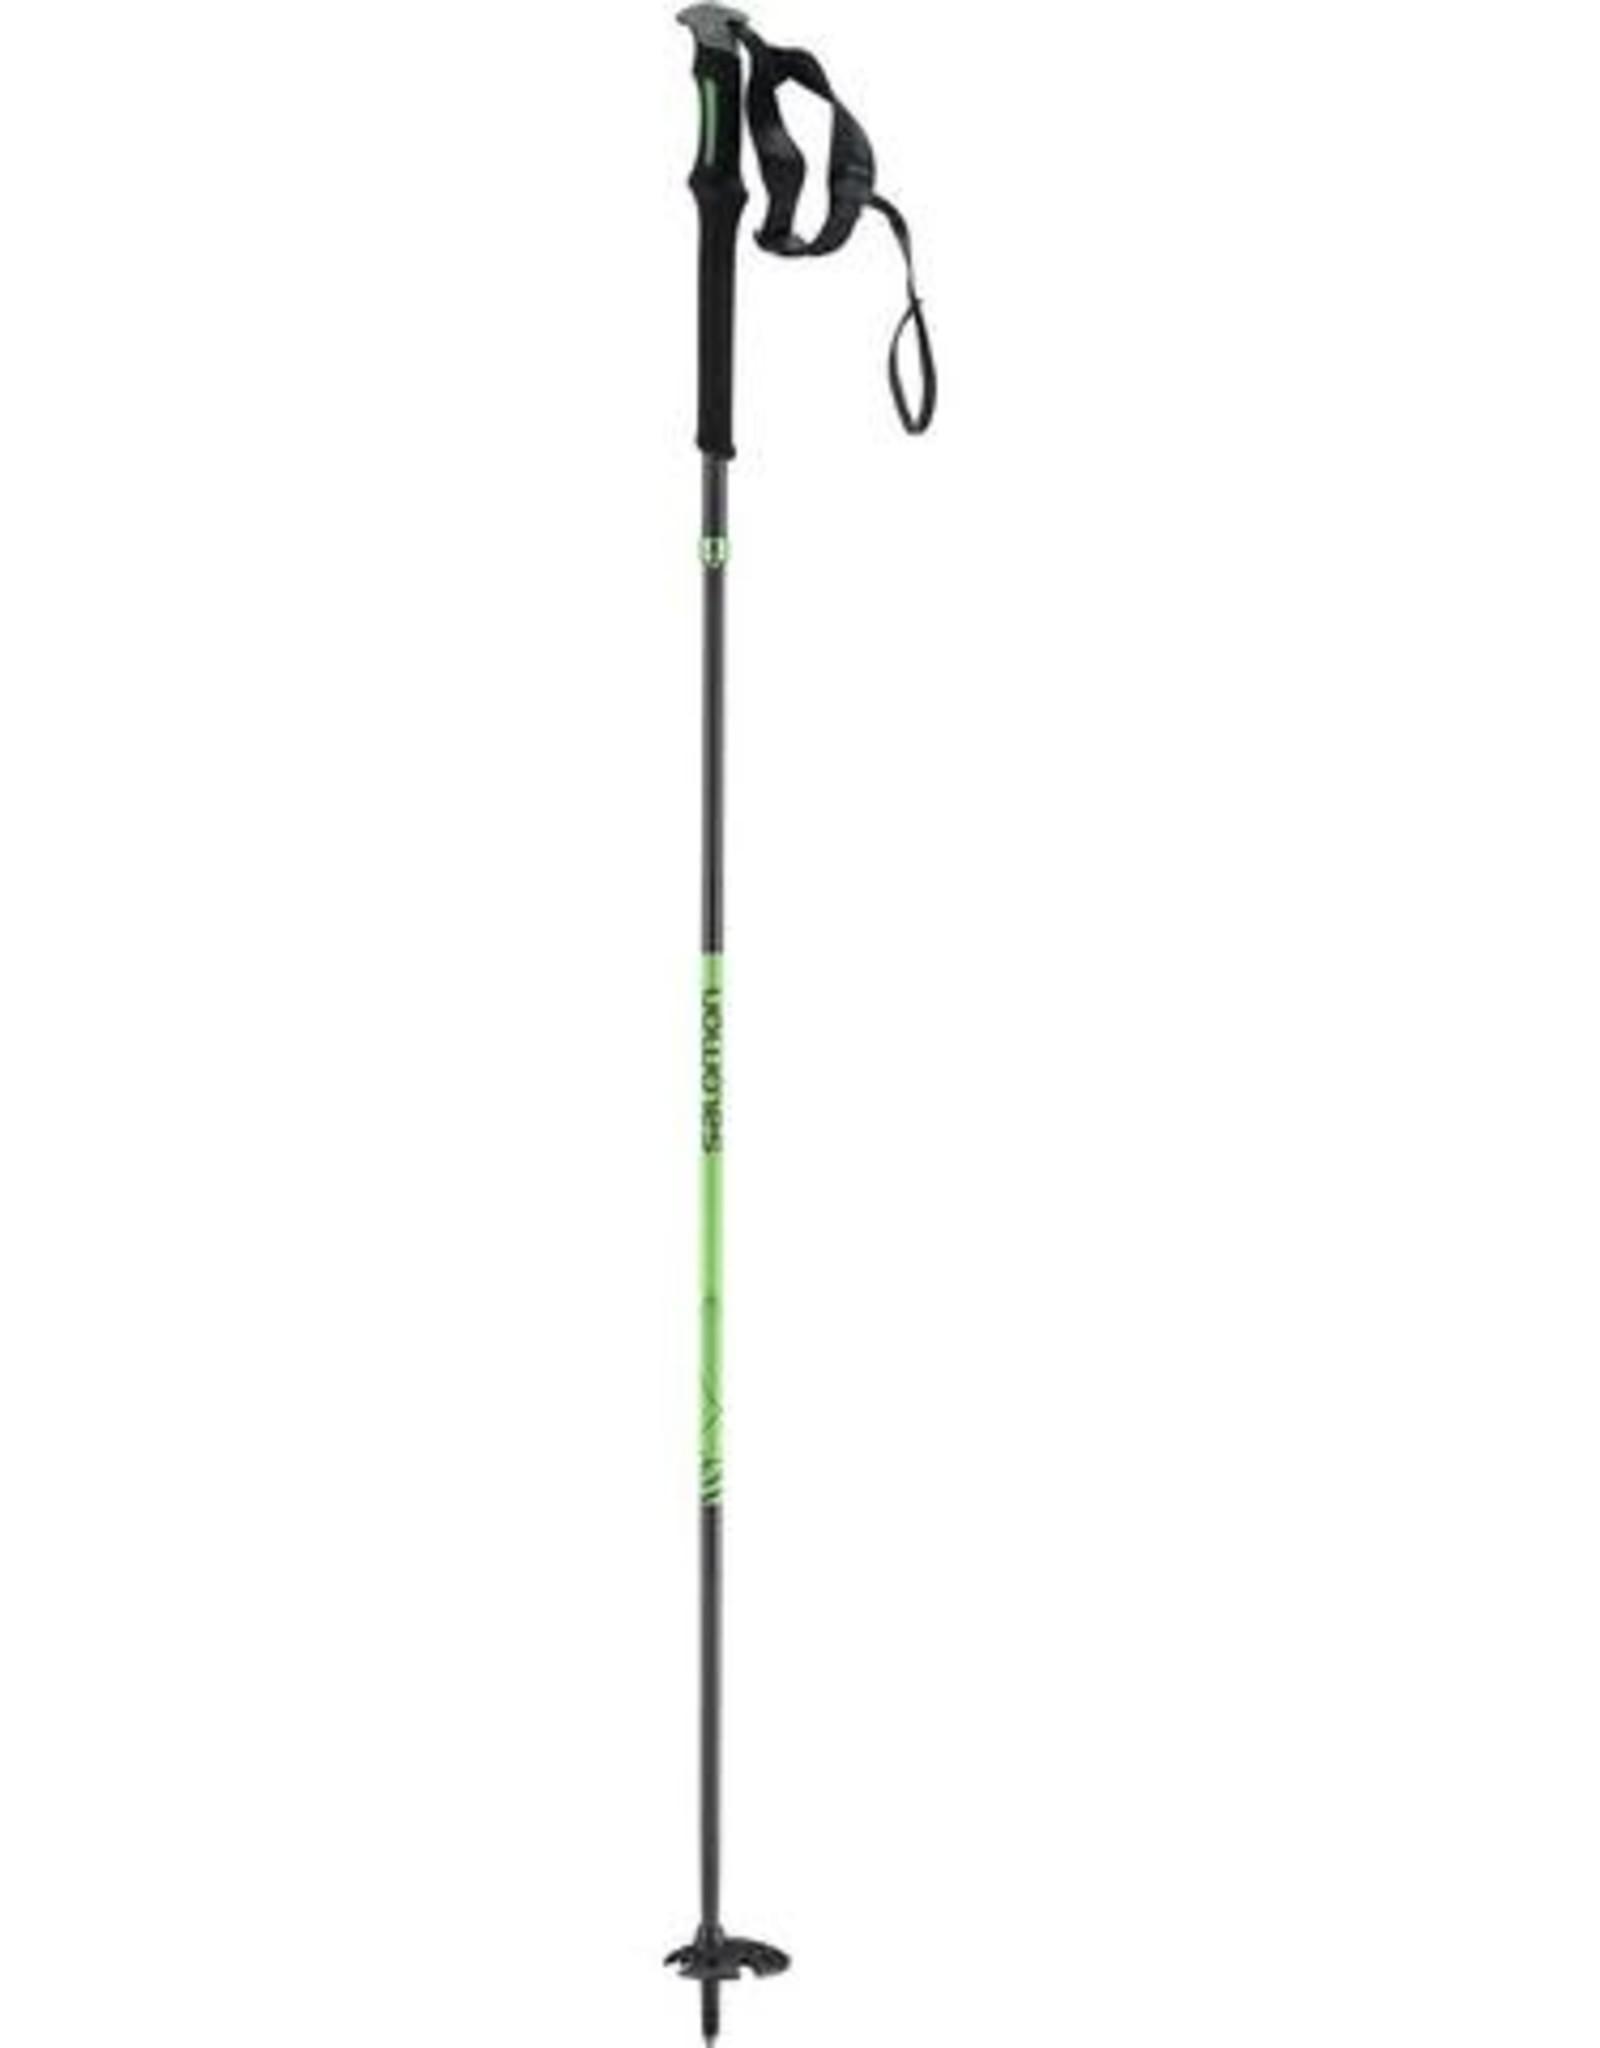 Salomon SALOMON Poles MTN OUTDOOR All Season Poles Black/Green 130cm